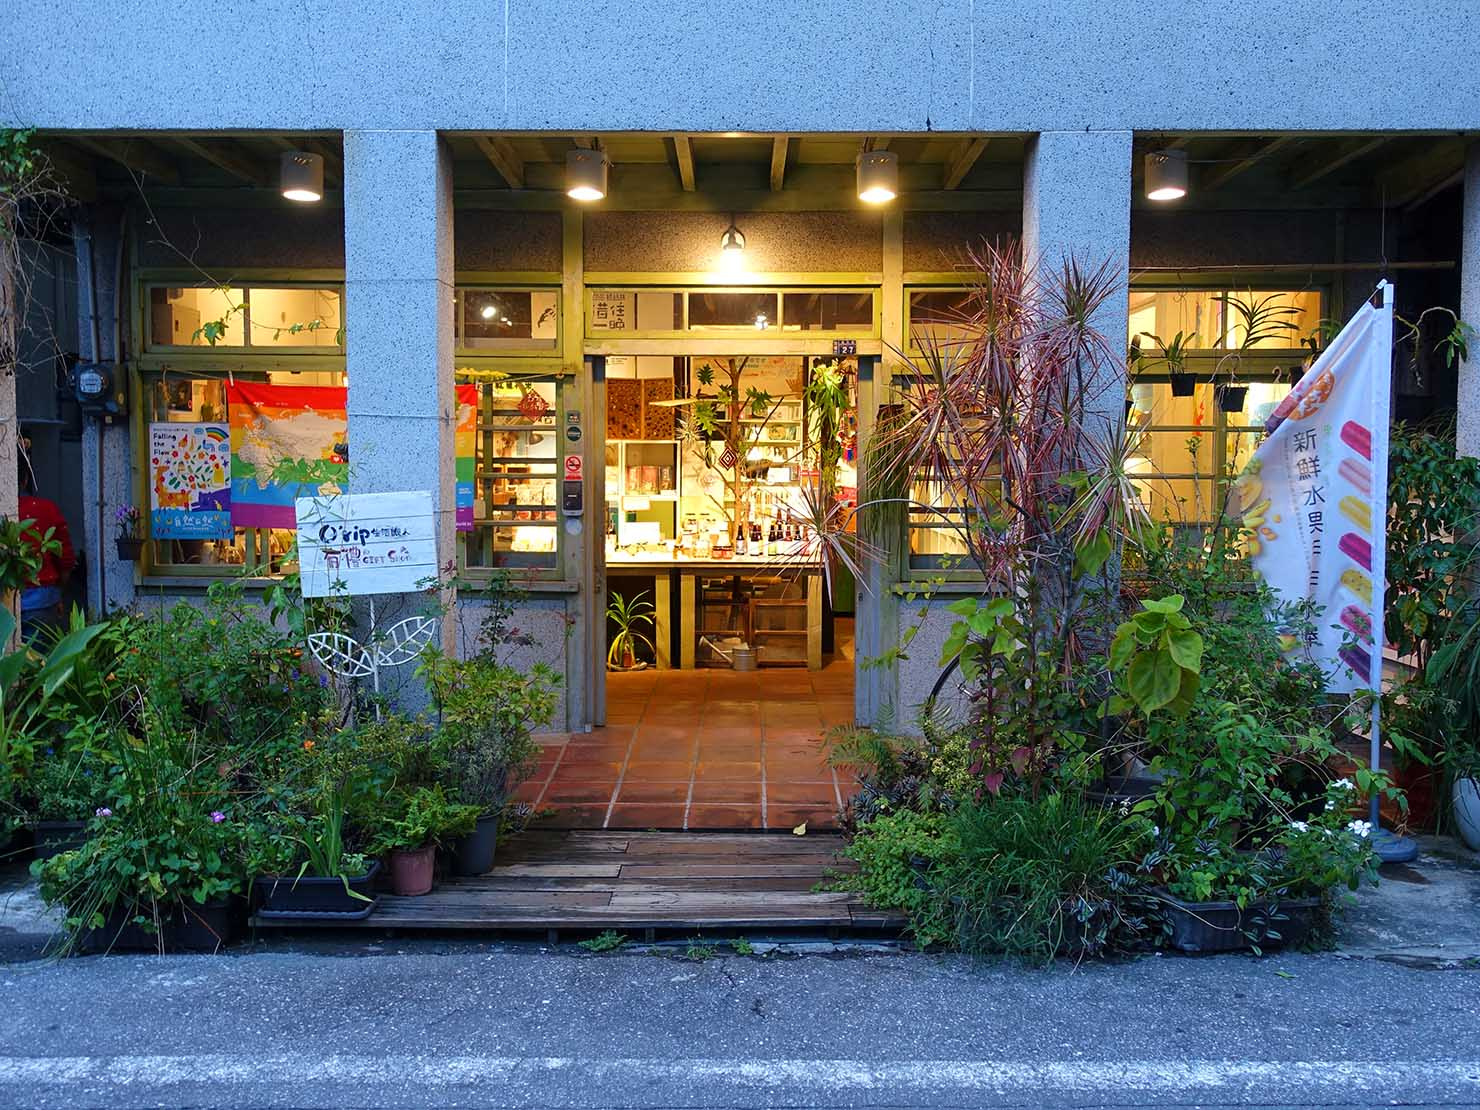 花蓮市街の有名観光スポット「節約街」にあるショップ